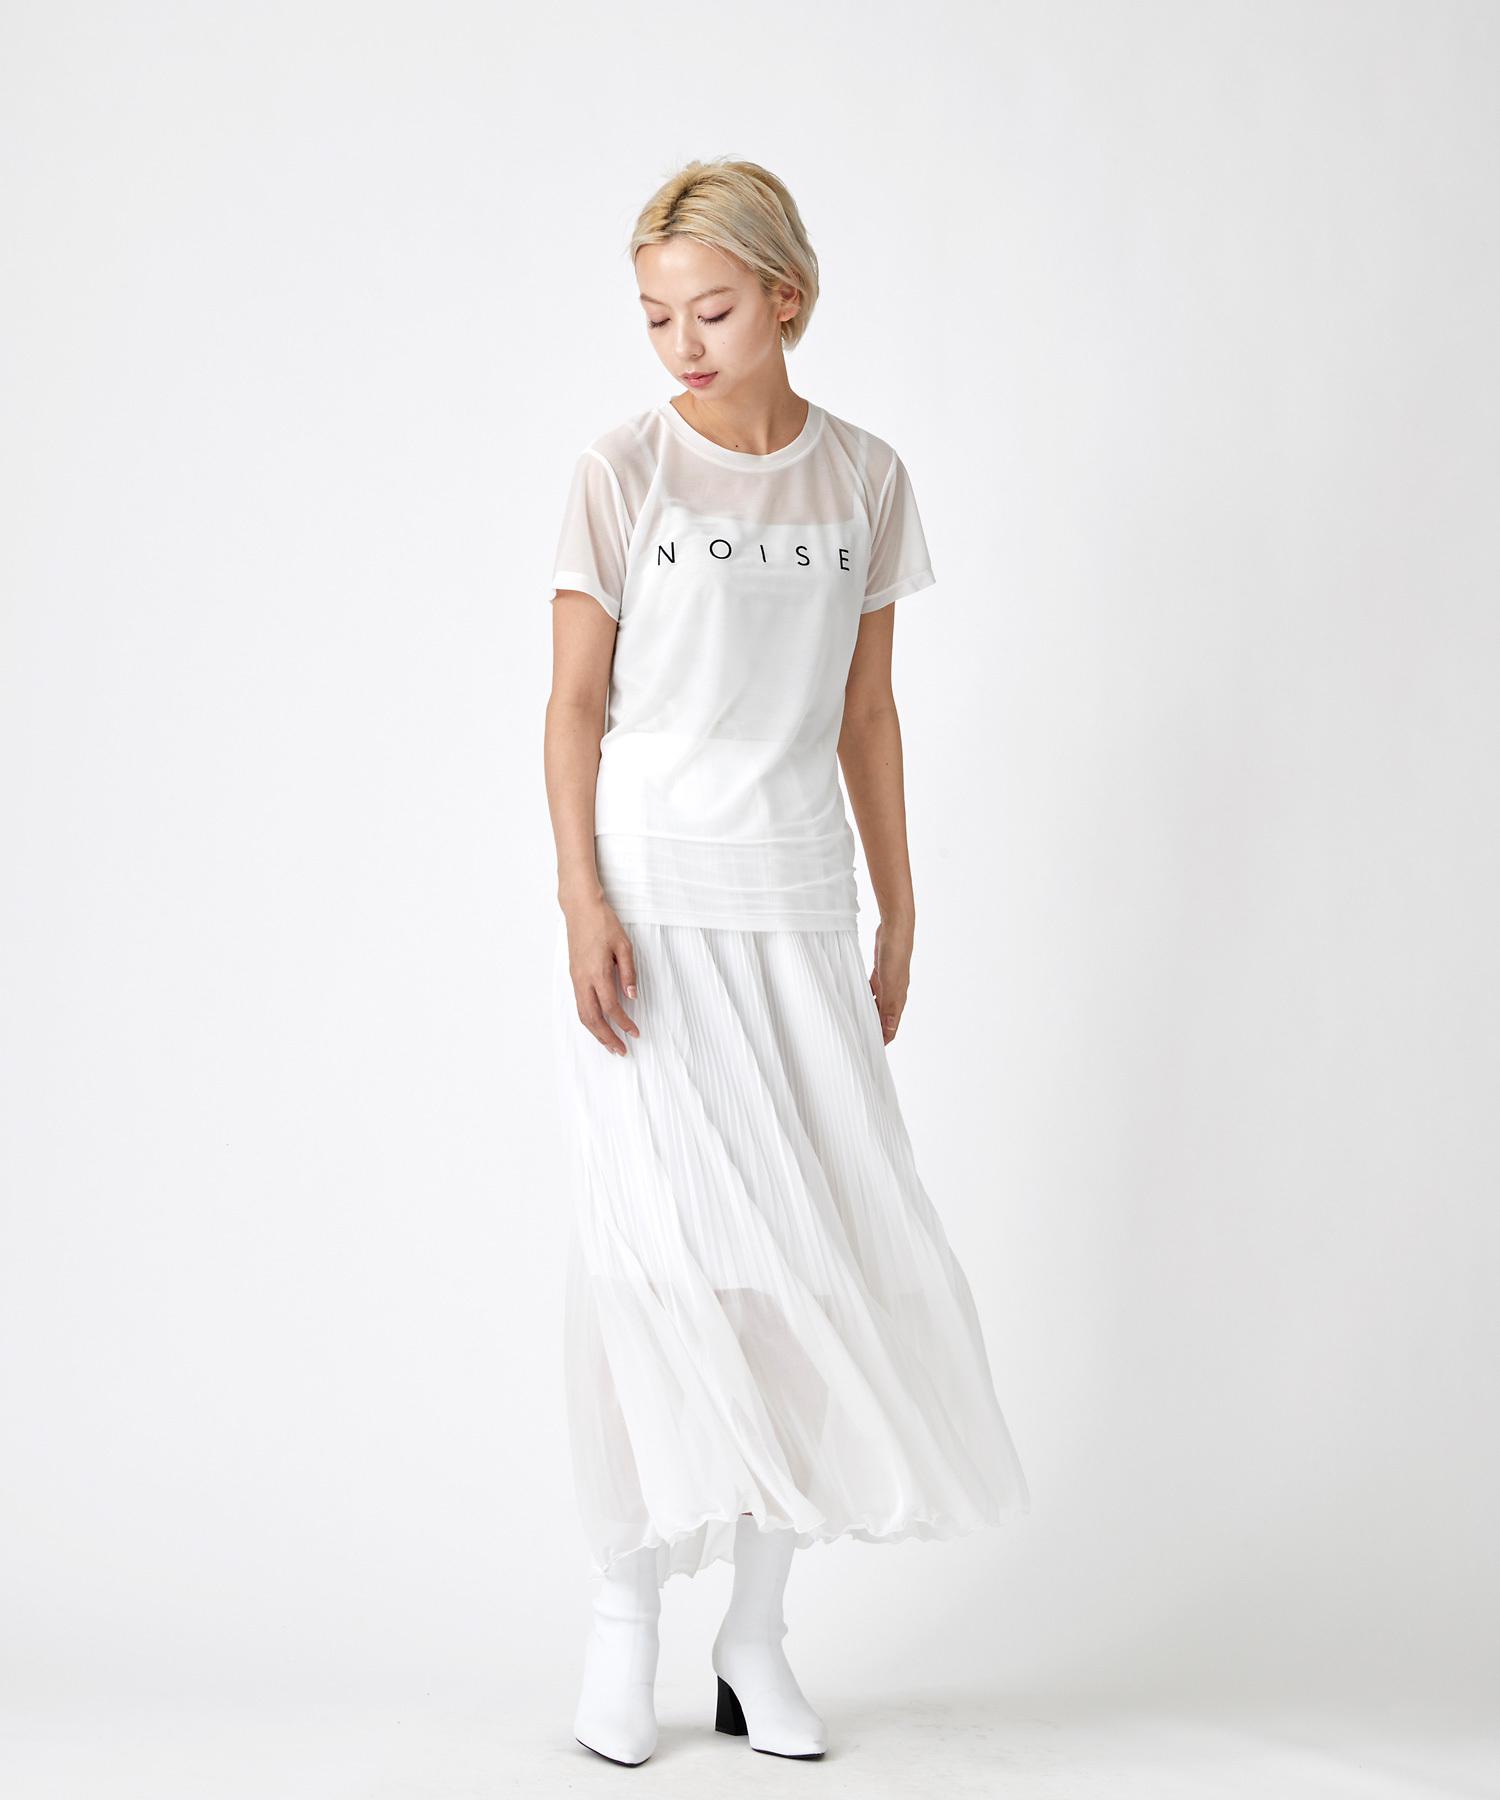 天竺素材キャミソール付きTシャツ(オフホワイト)